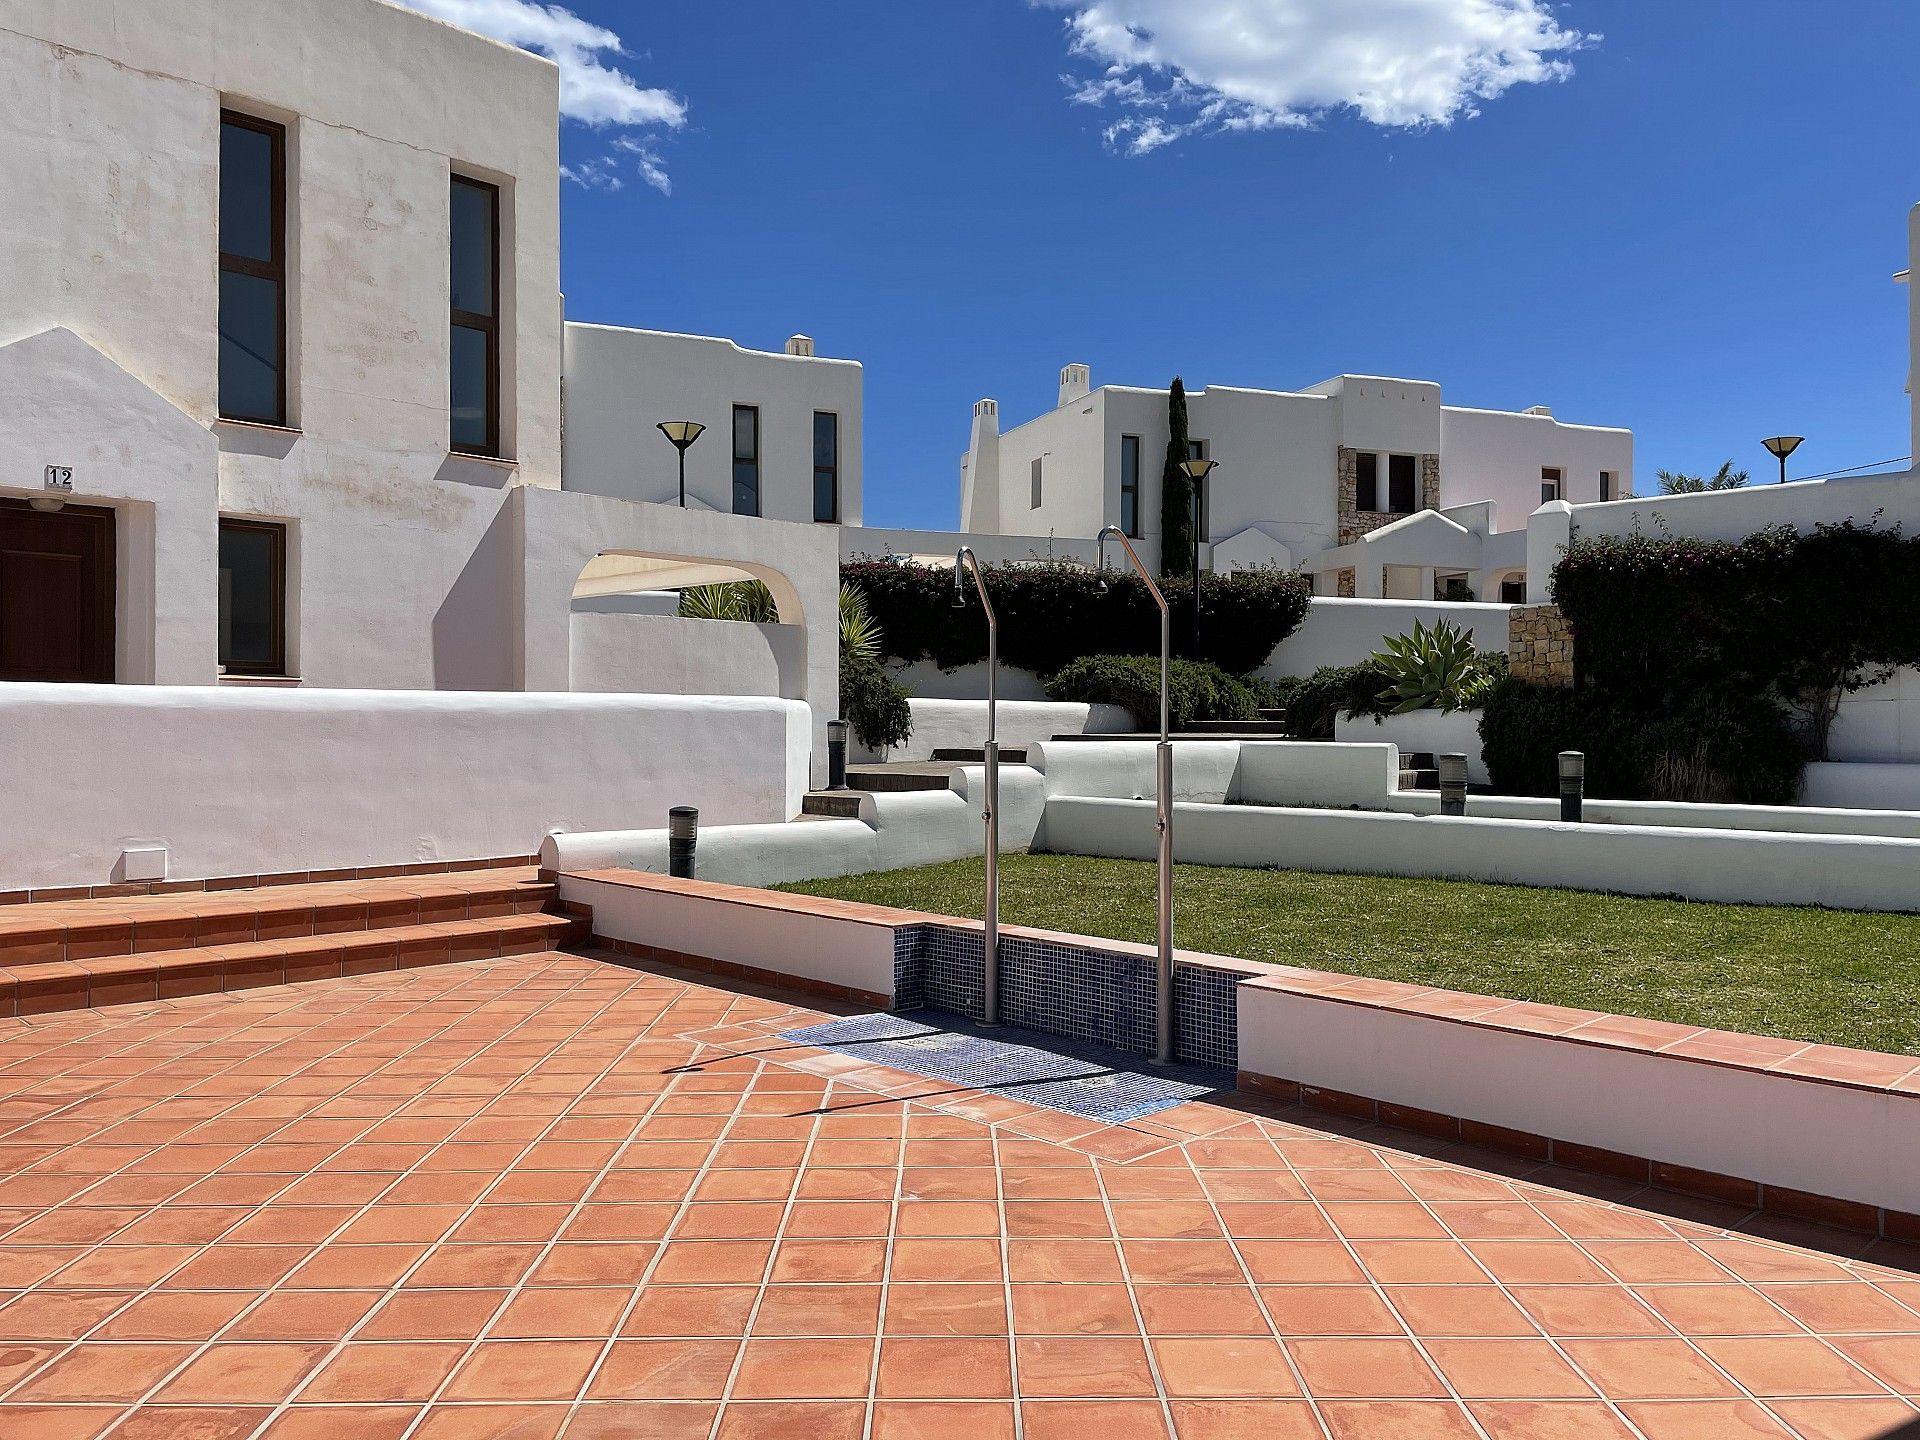 w_te-koop-huis-costa-blanca-benissa-calpe-zeezicht-h4003-03-2.jpeg